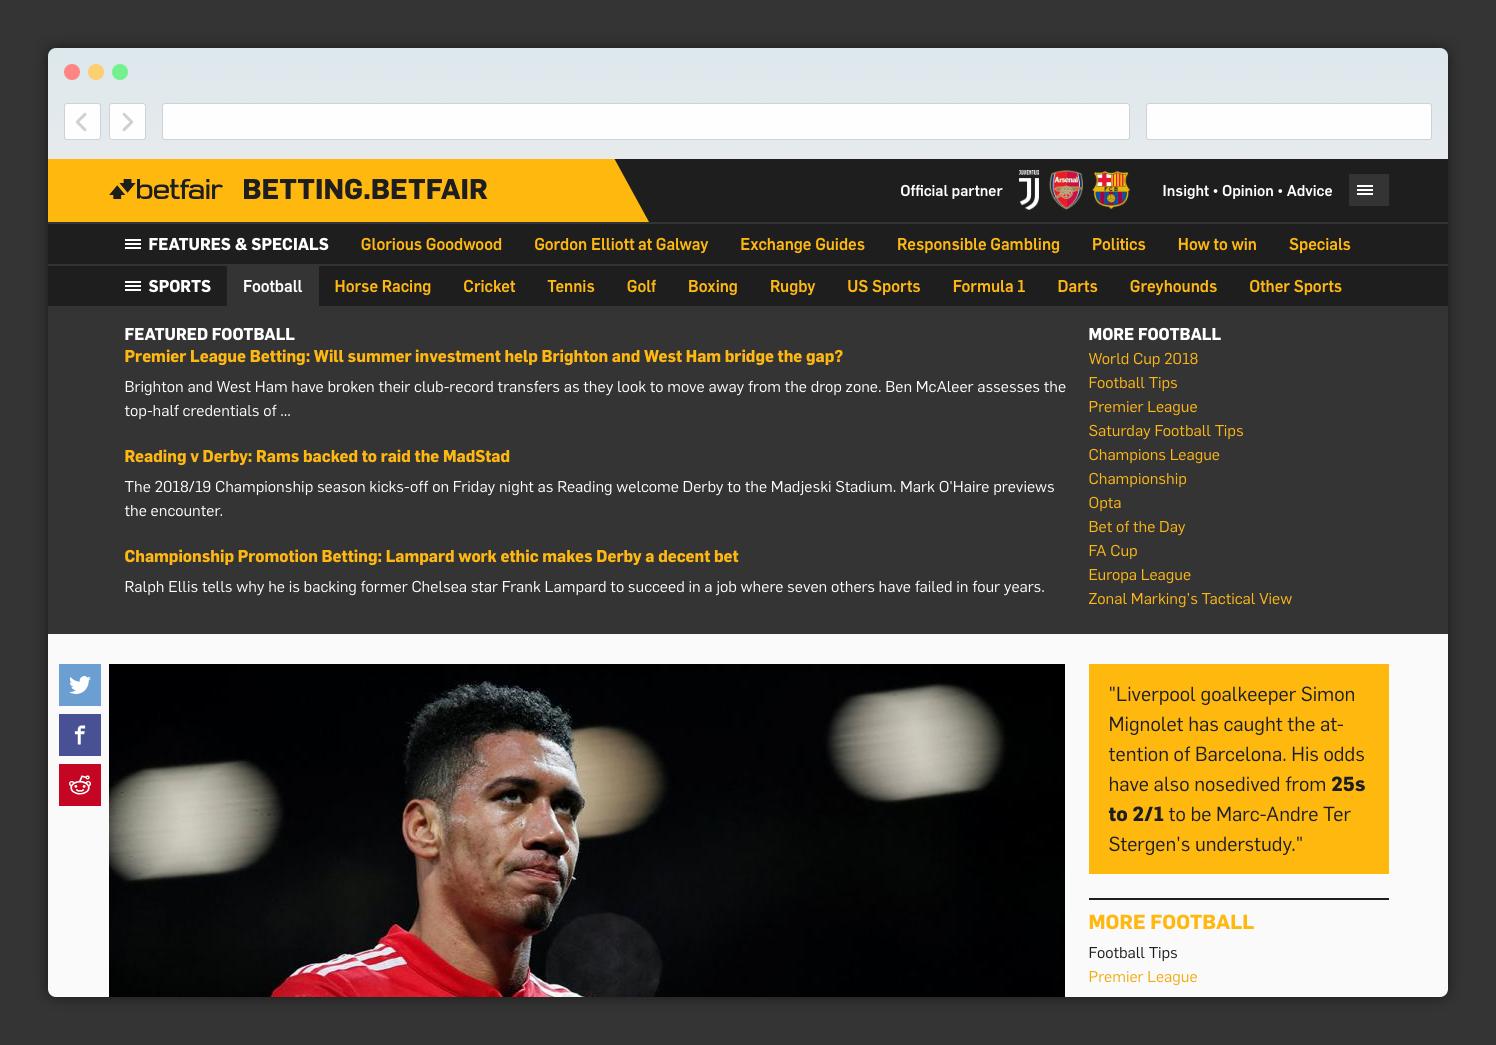 Betting Betfair blog network | Lift